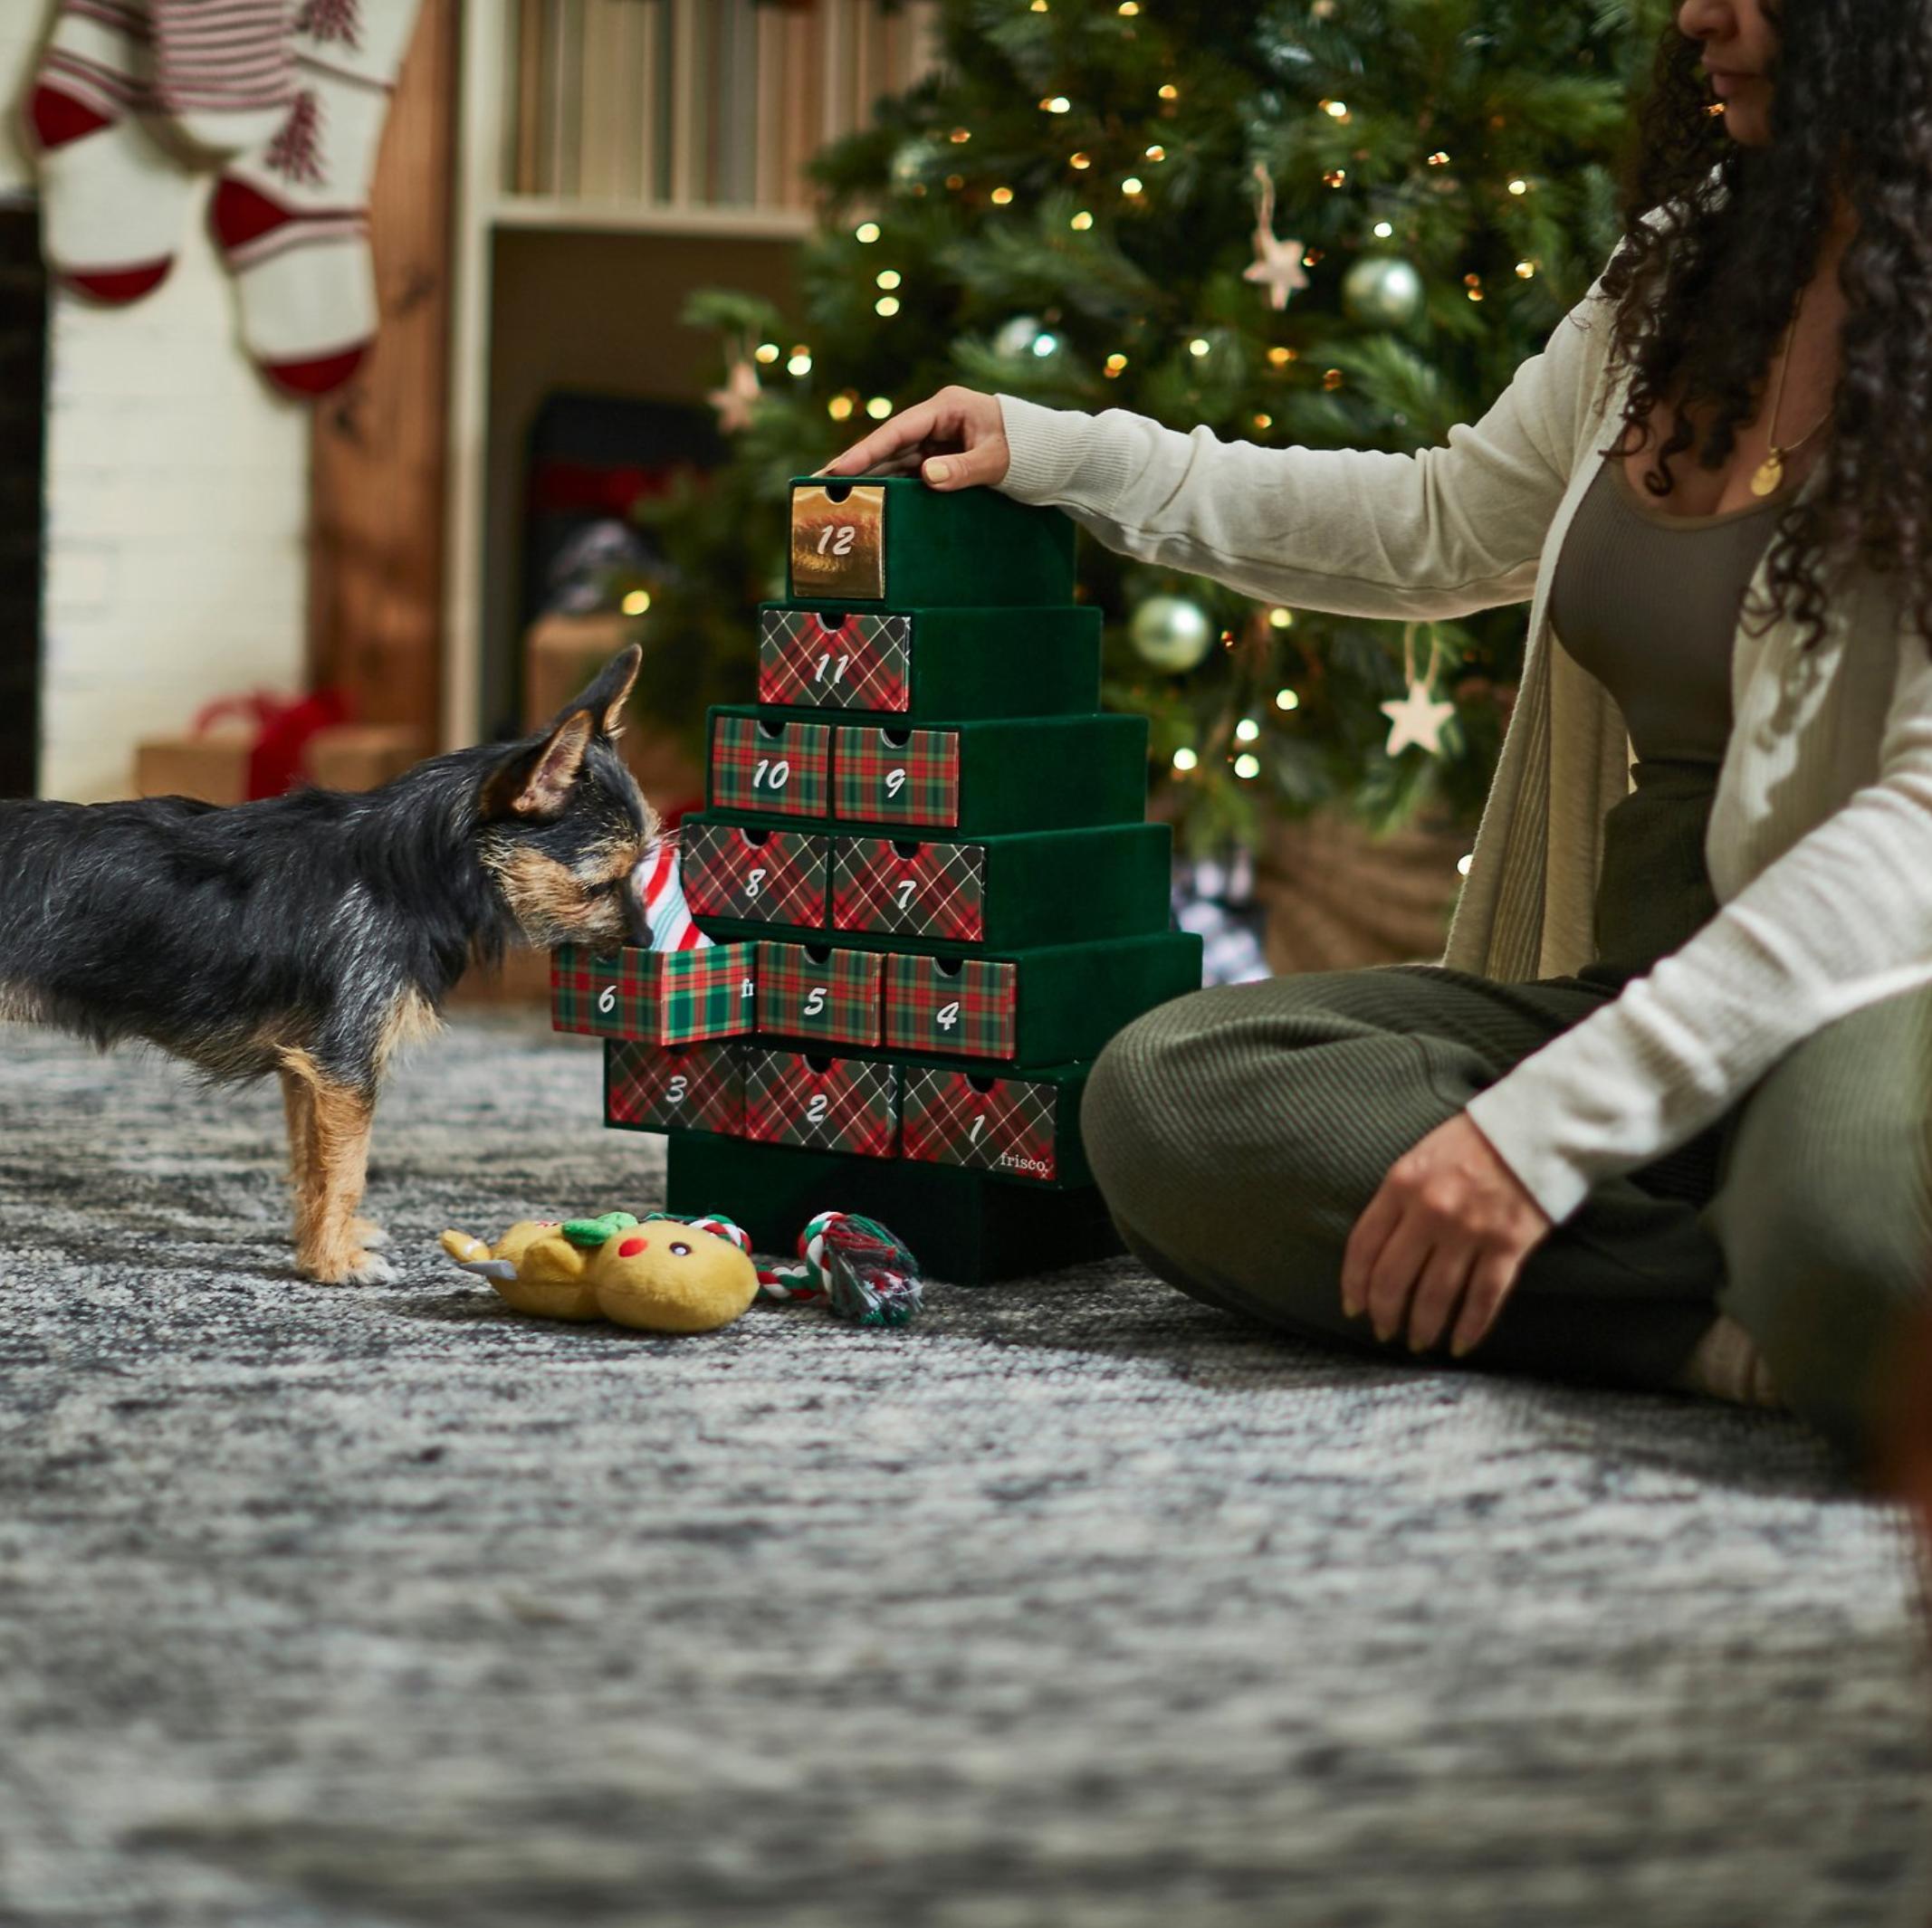 'Frisco 12 Days of Christmas Toy Advent Calendar' (via Chewy)